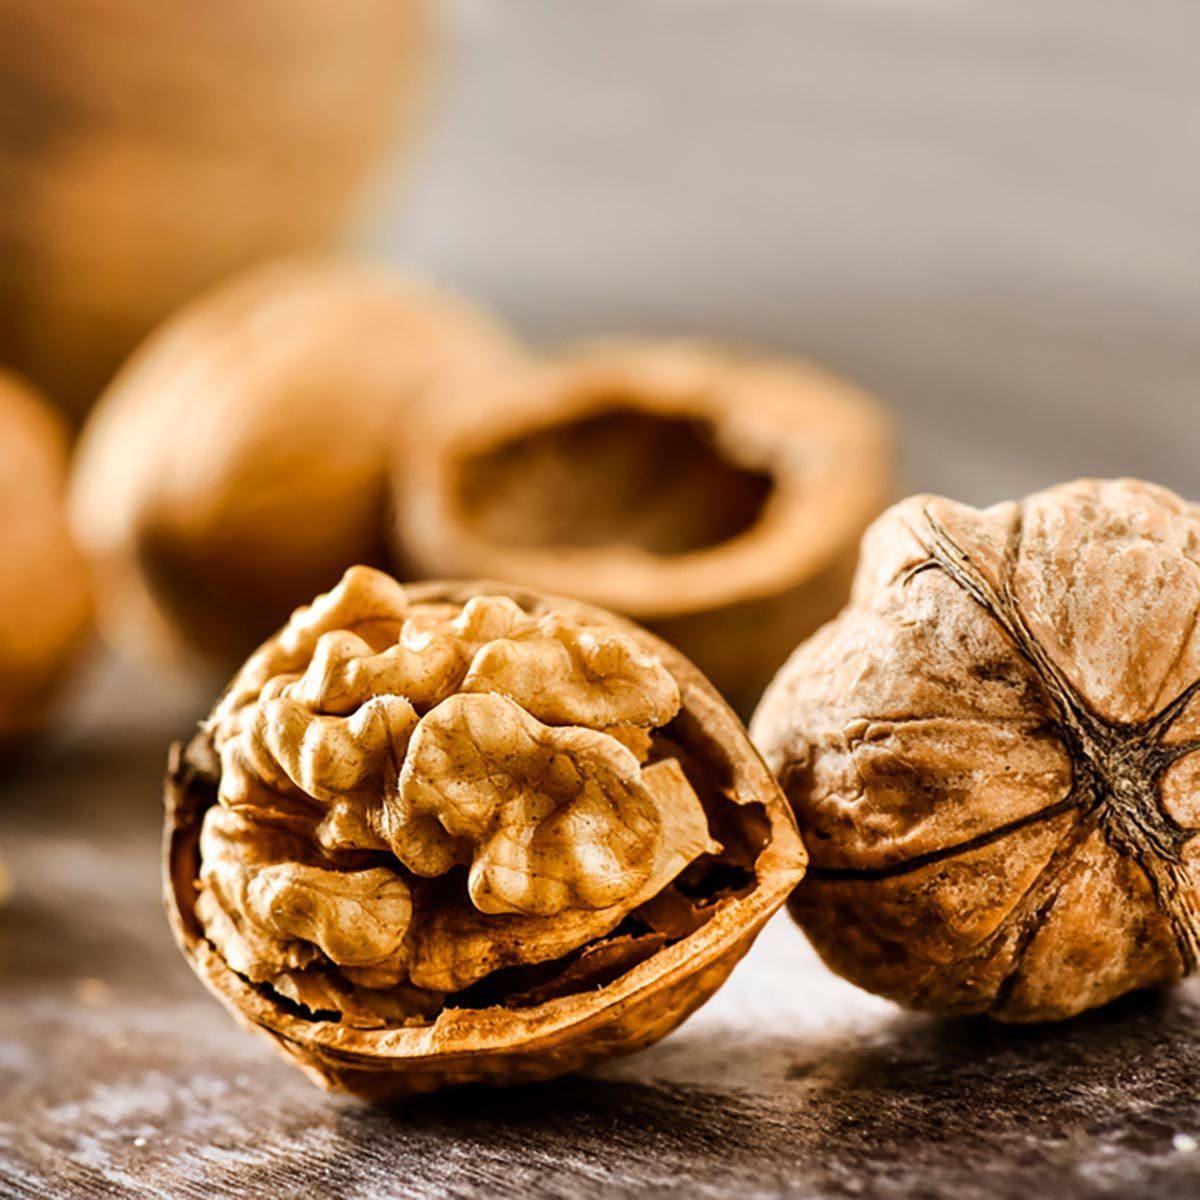 Les meilleurs aliments pour avoir une belle peau : les noix.